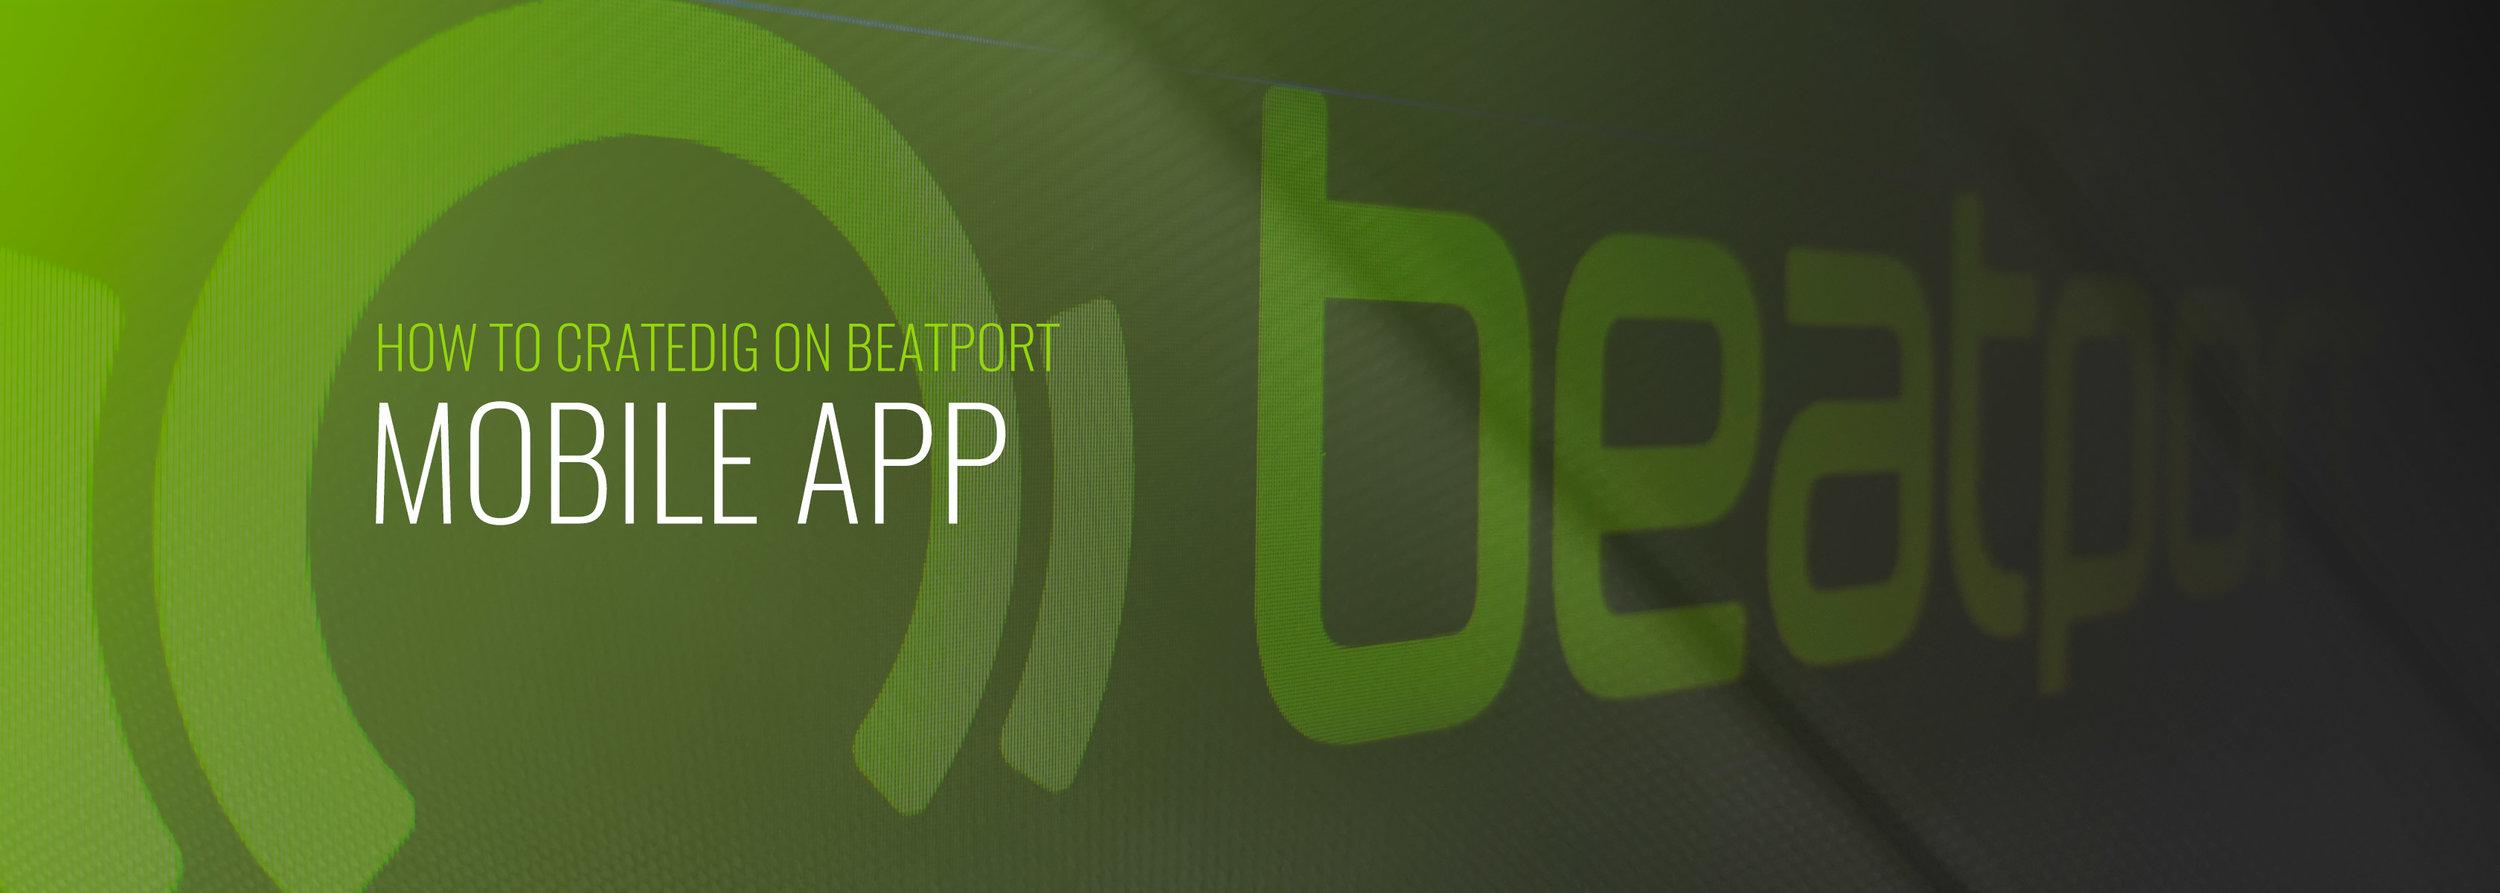 6  Mobile App — Beatport OnBoarding